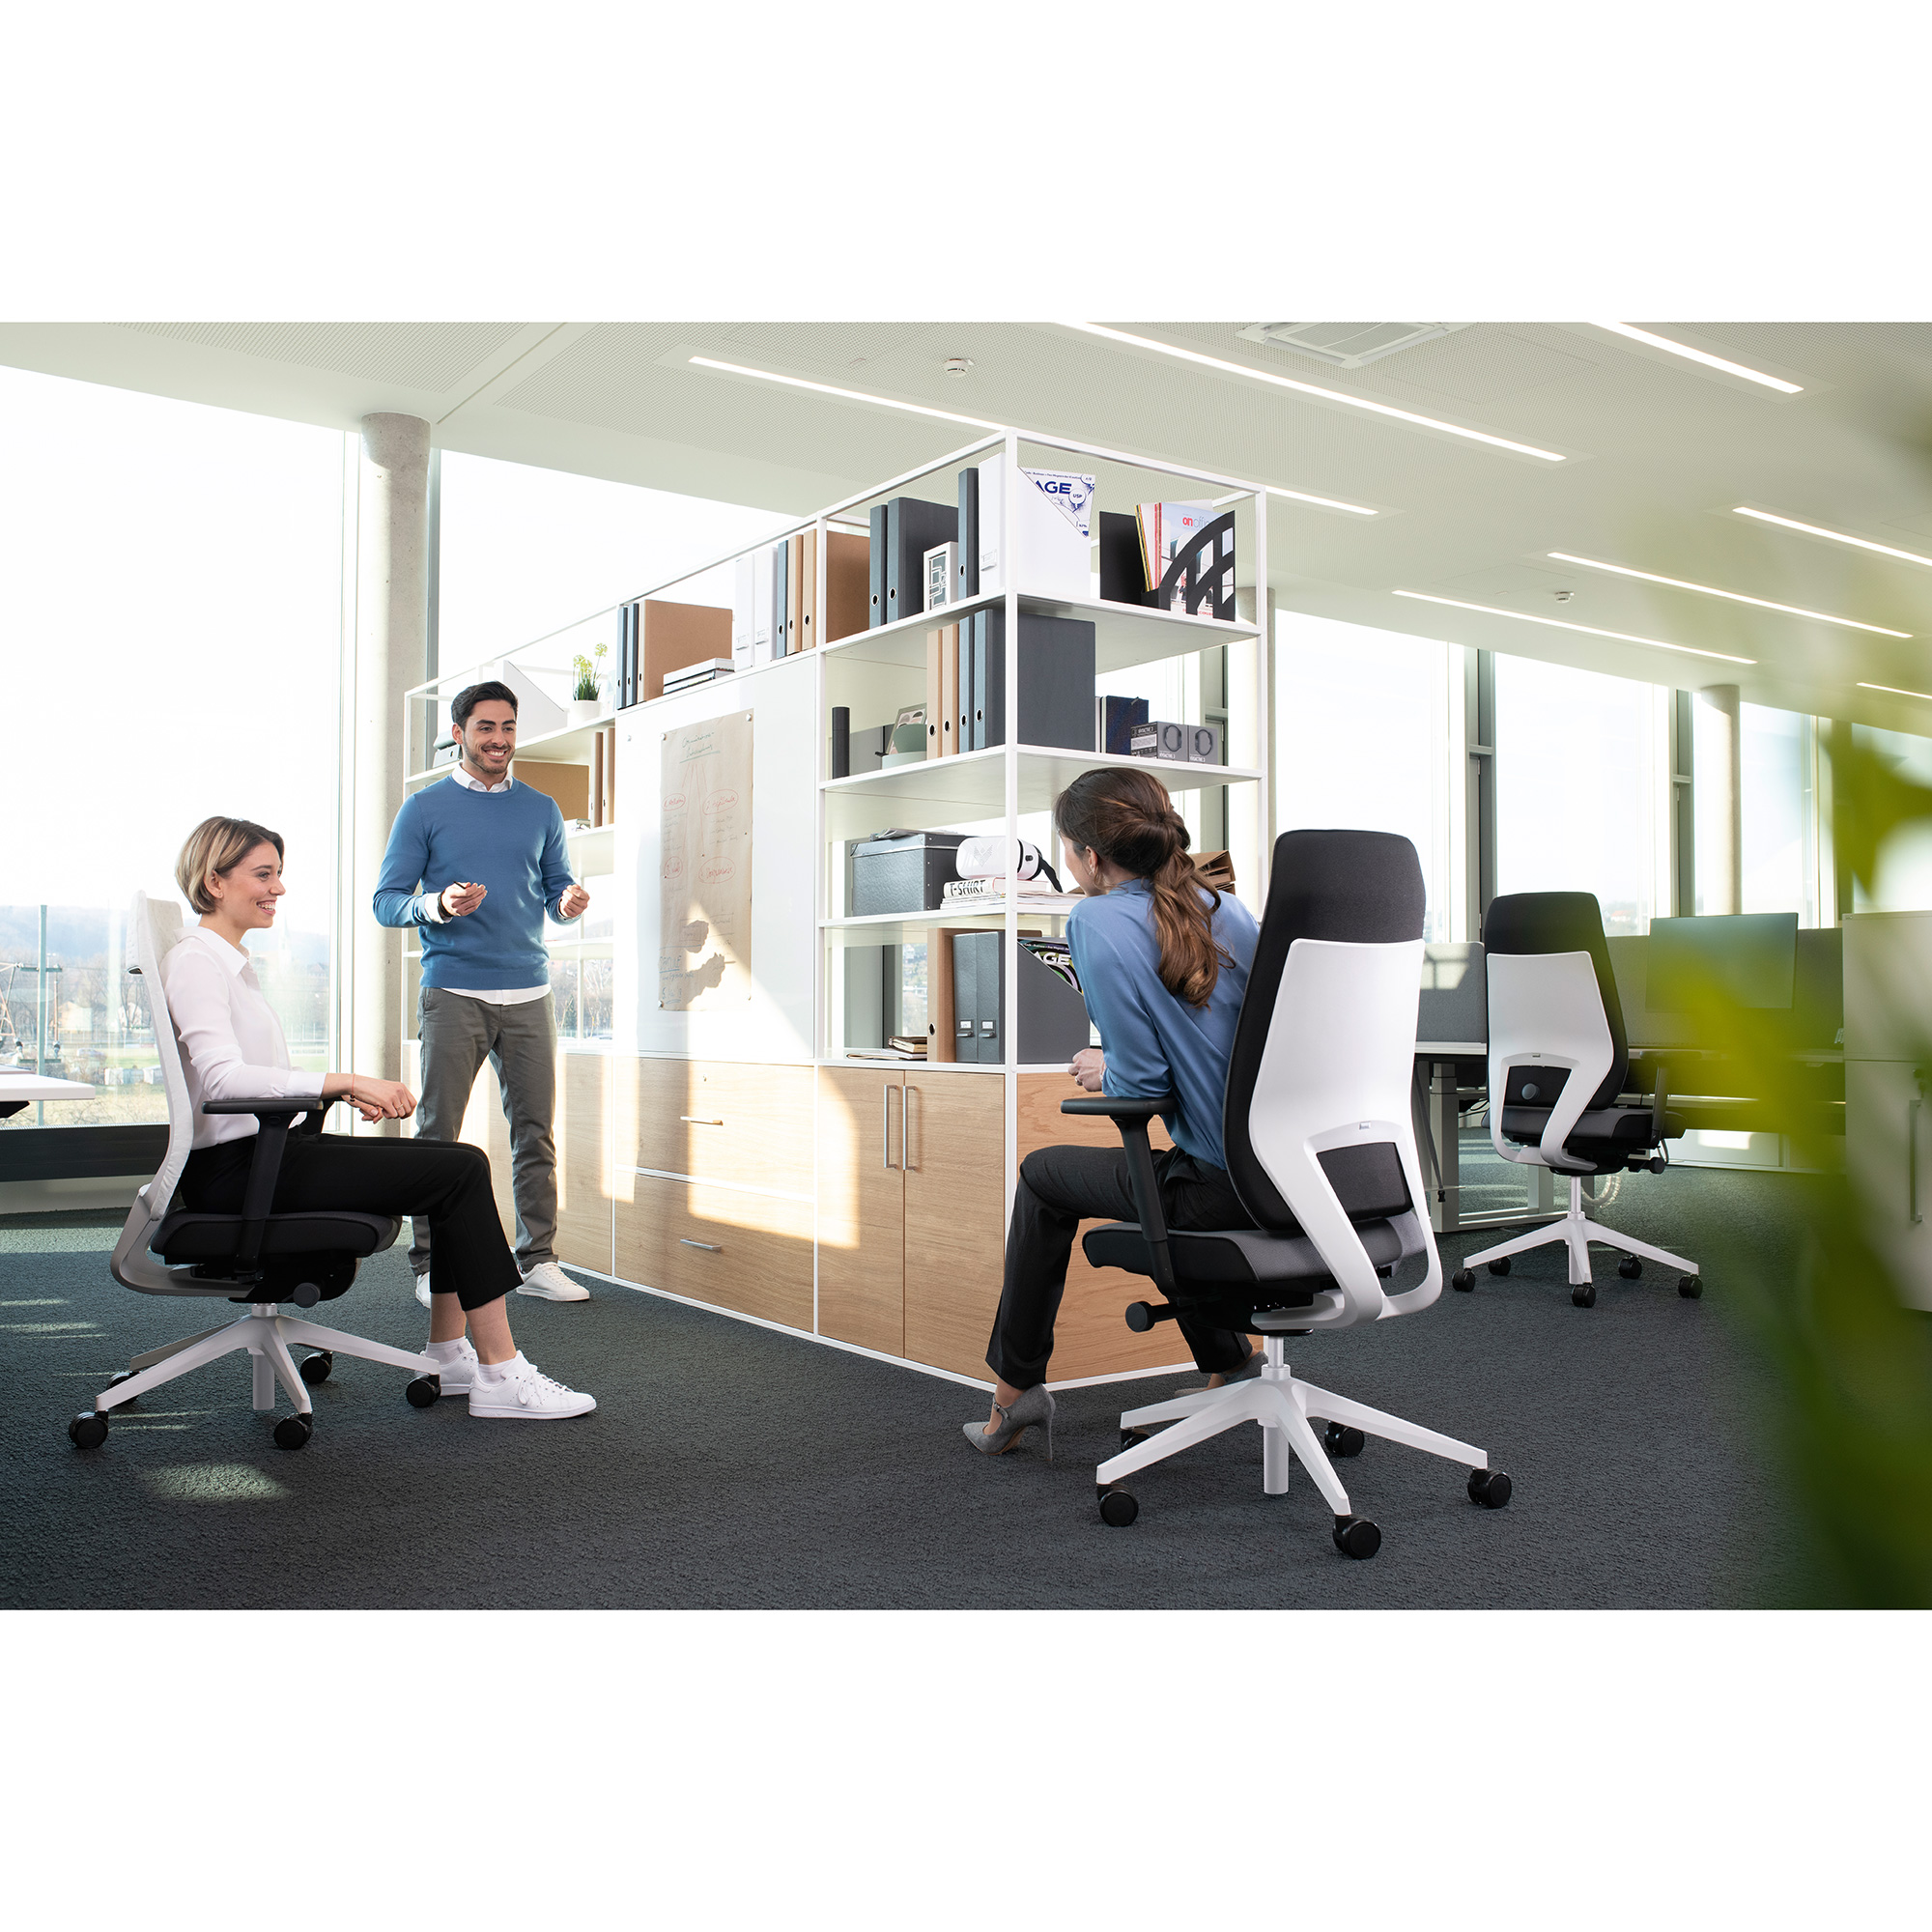 Interstuhl JOYCEis3 JC212 Netzrücken-Bürostuhl mit hoher Rückenlehne